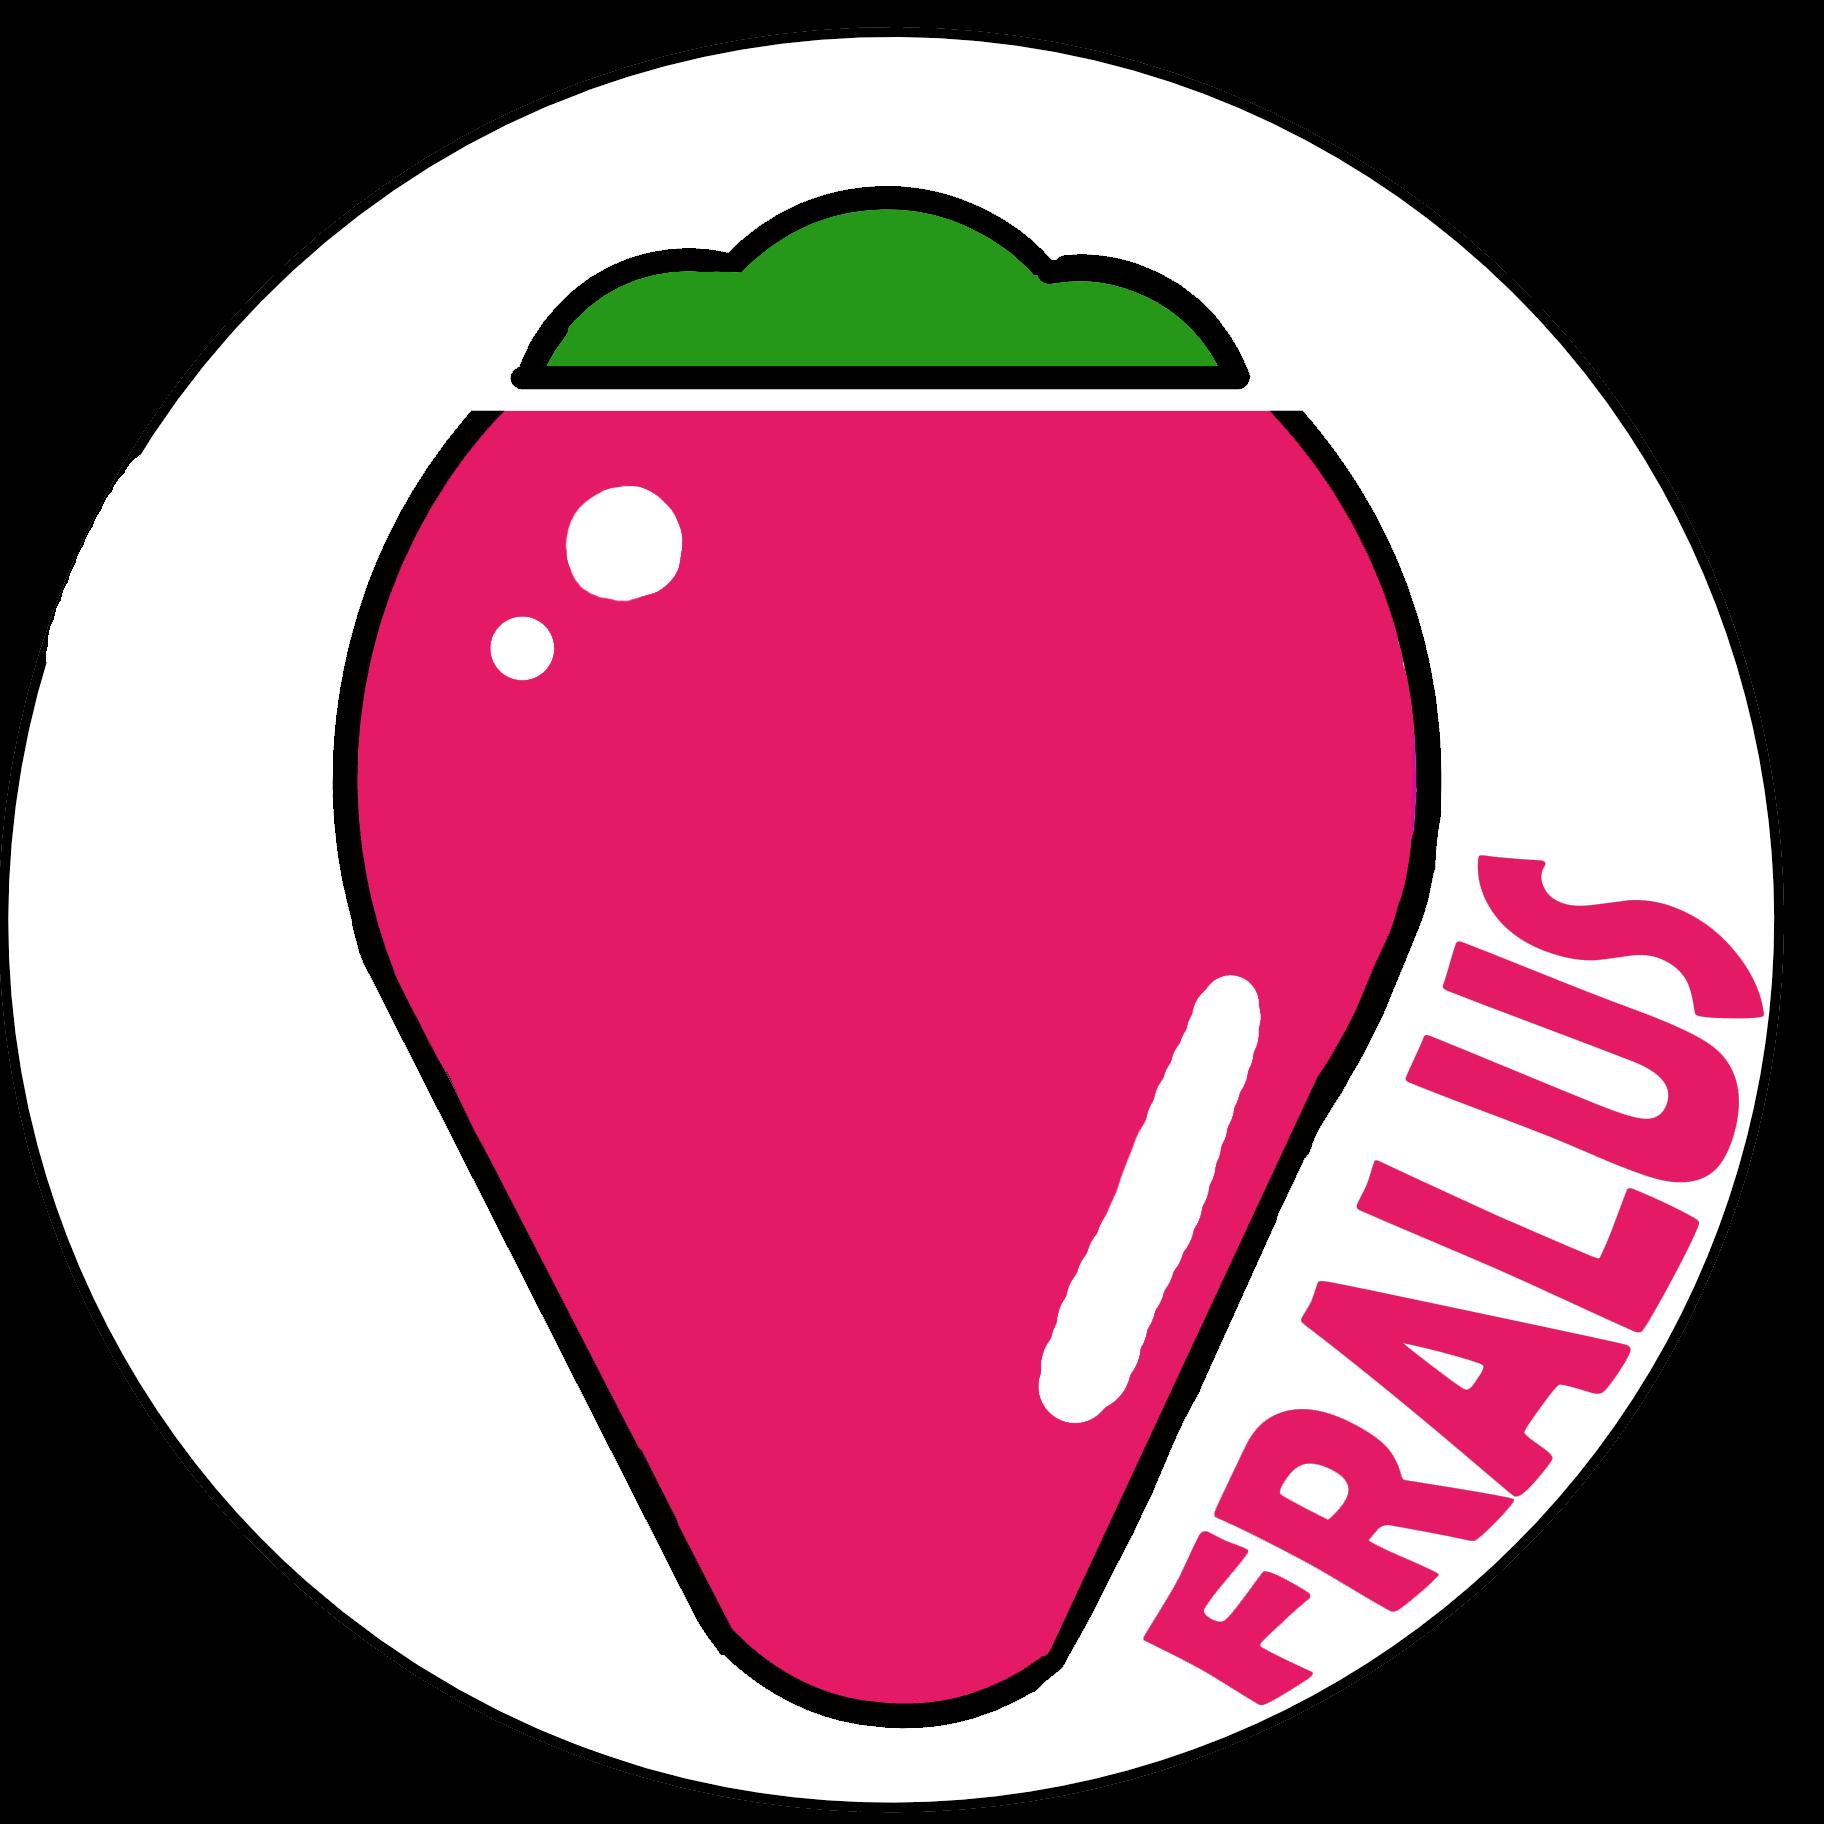 Fralus